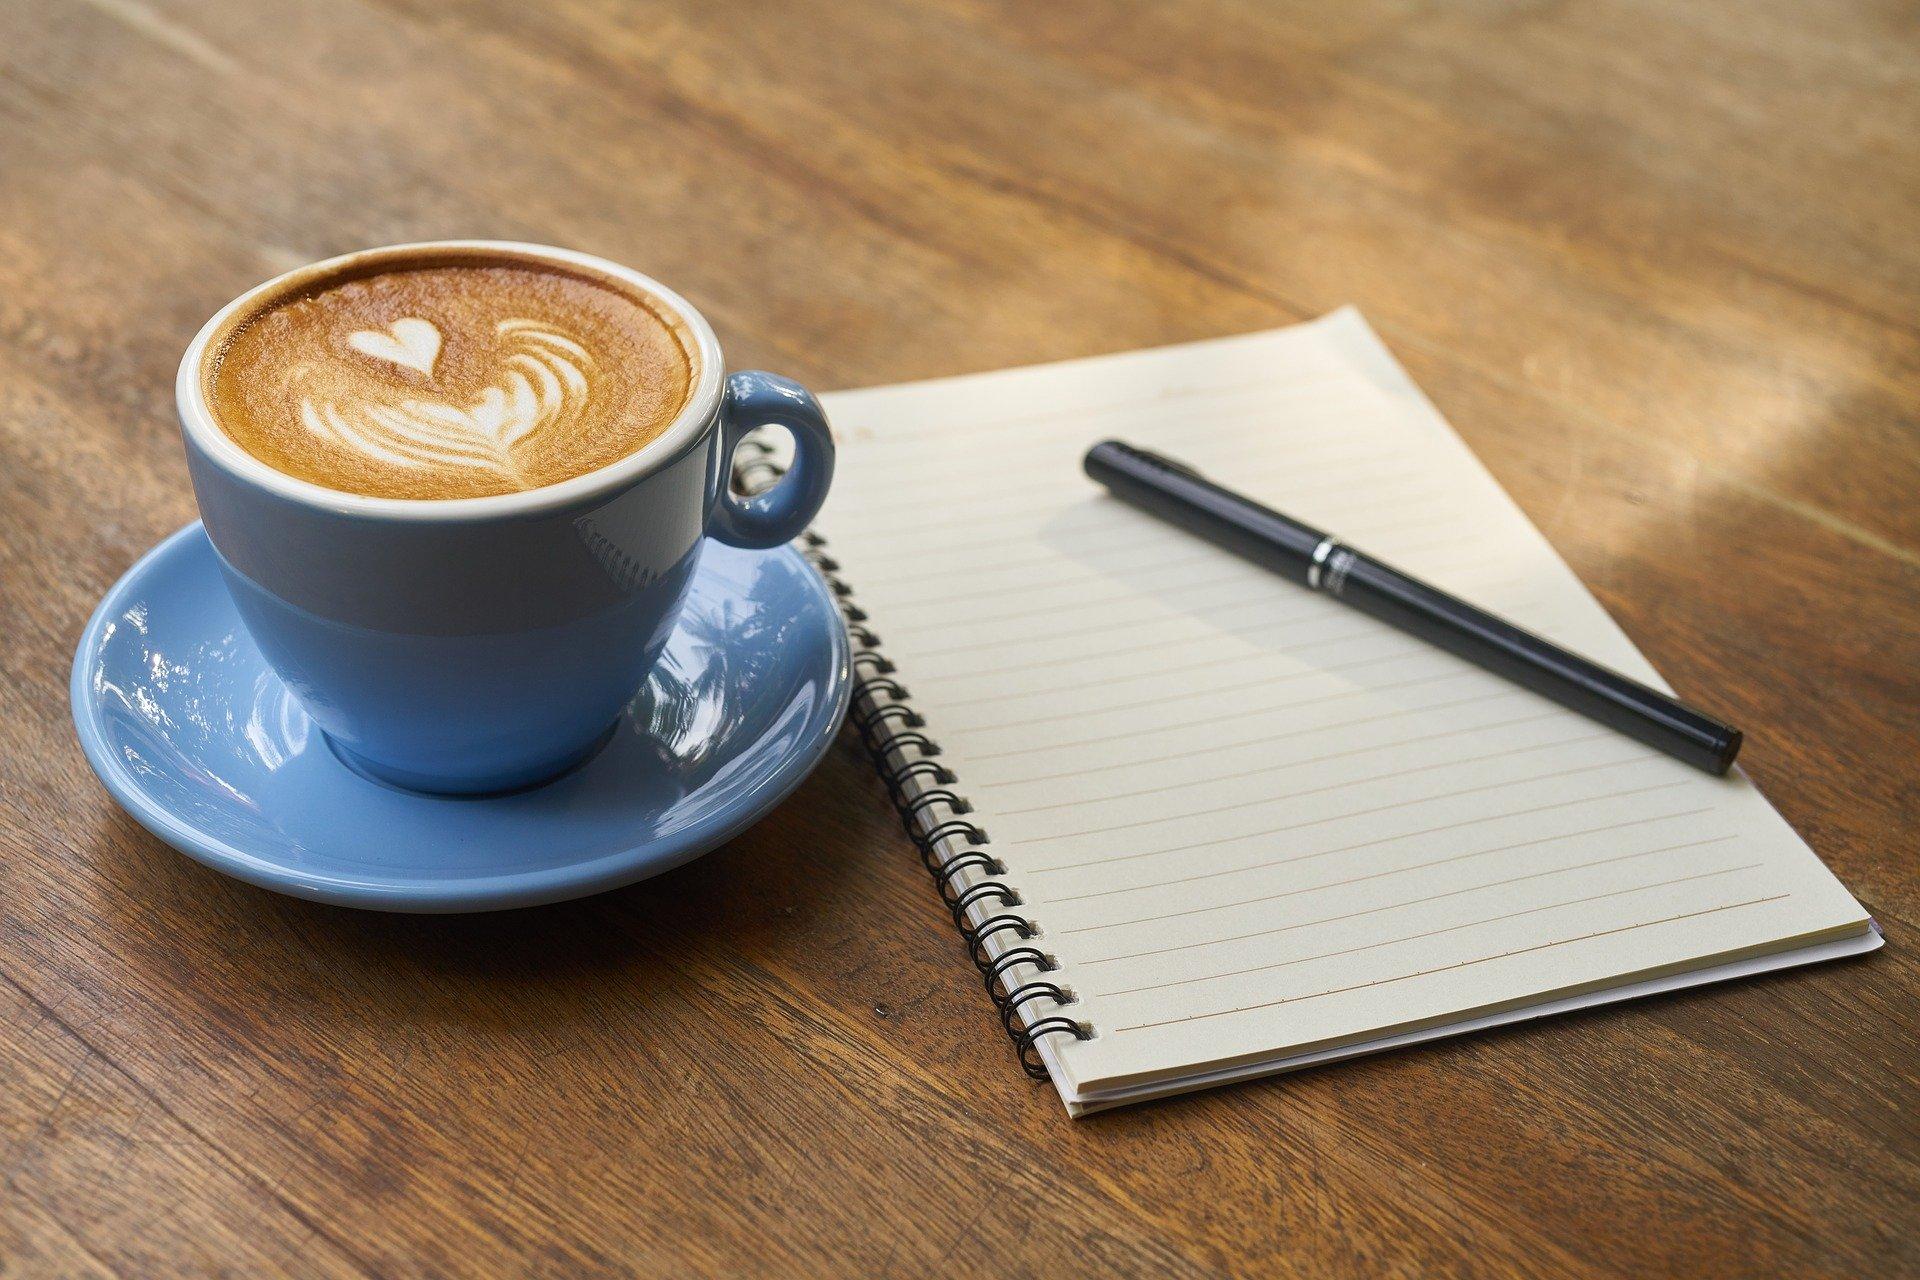 Buchrezension schreiben leicht gemacht in 7 Schritten